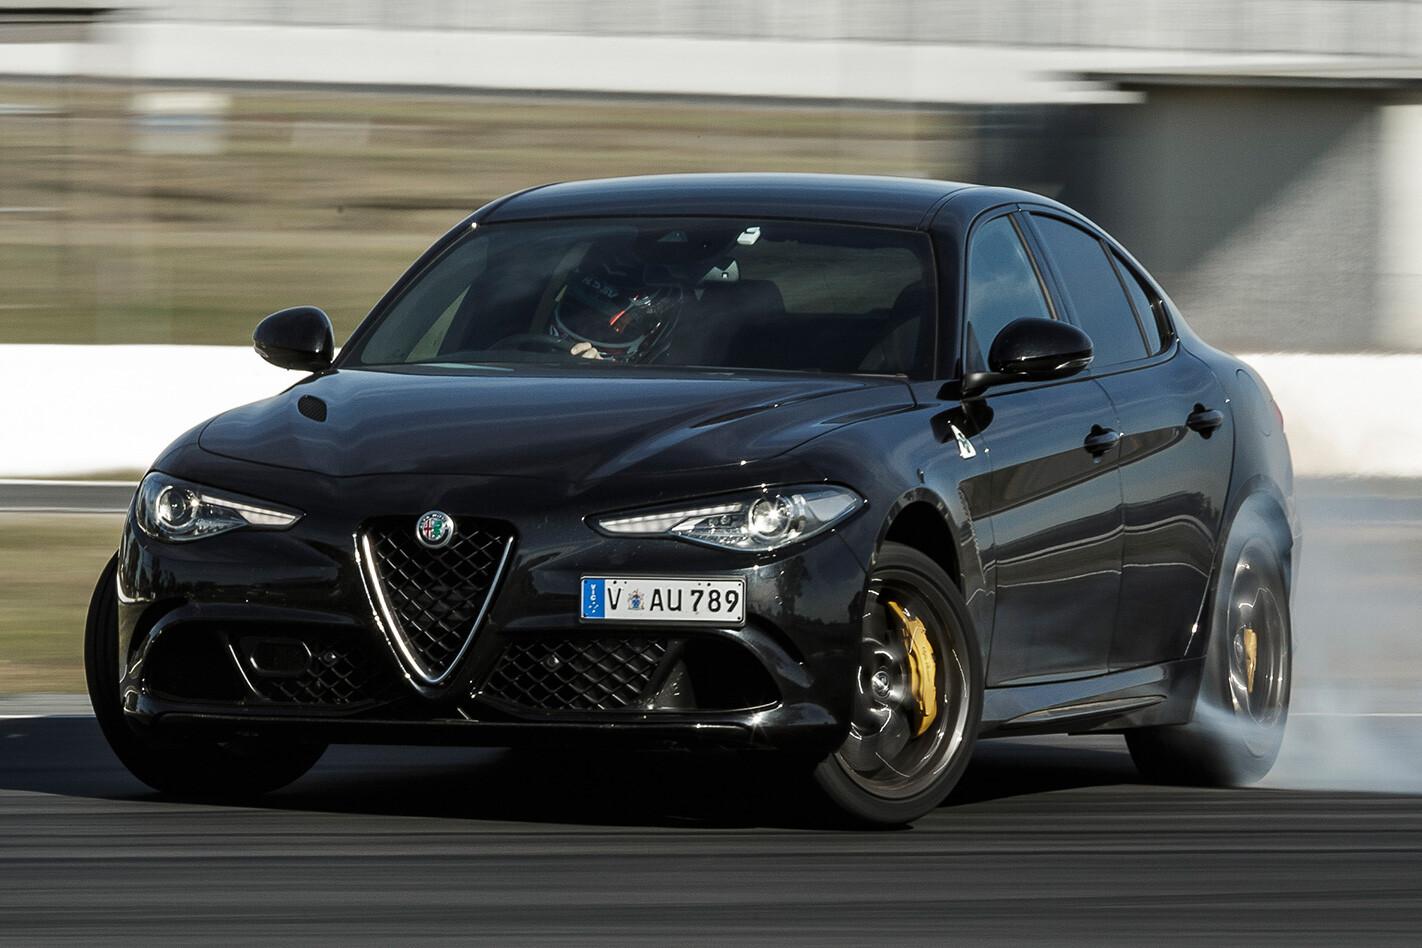 Alfa Romeo Giulia QV braking